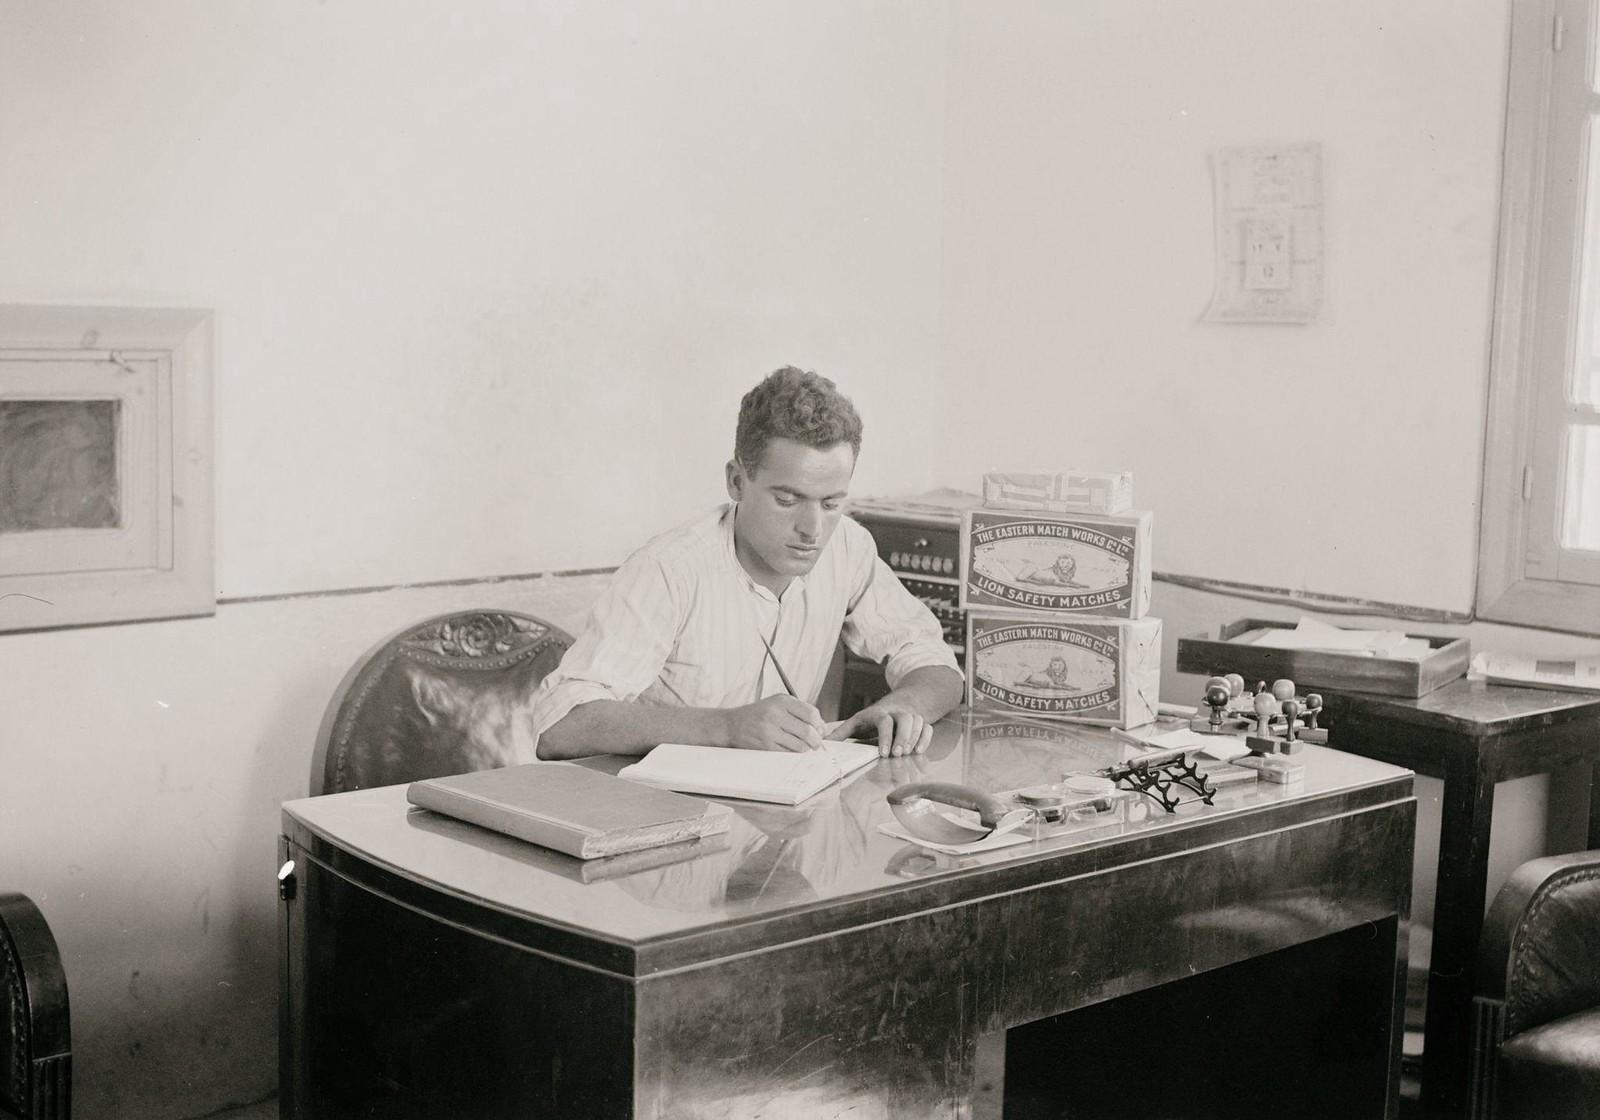 14. 1940. Шхем. Спичечная фабрика. Один из владельцев за своим столом